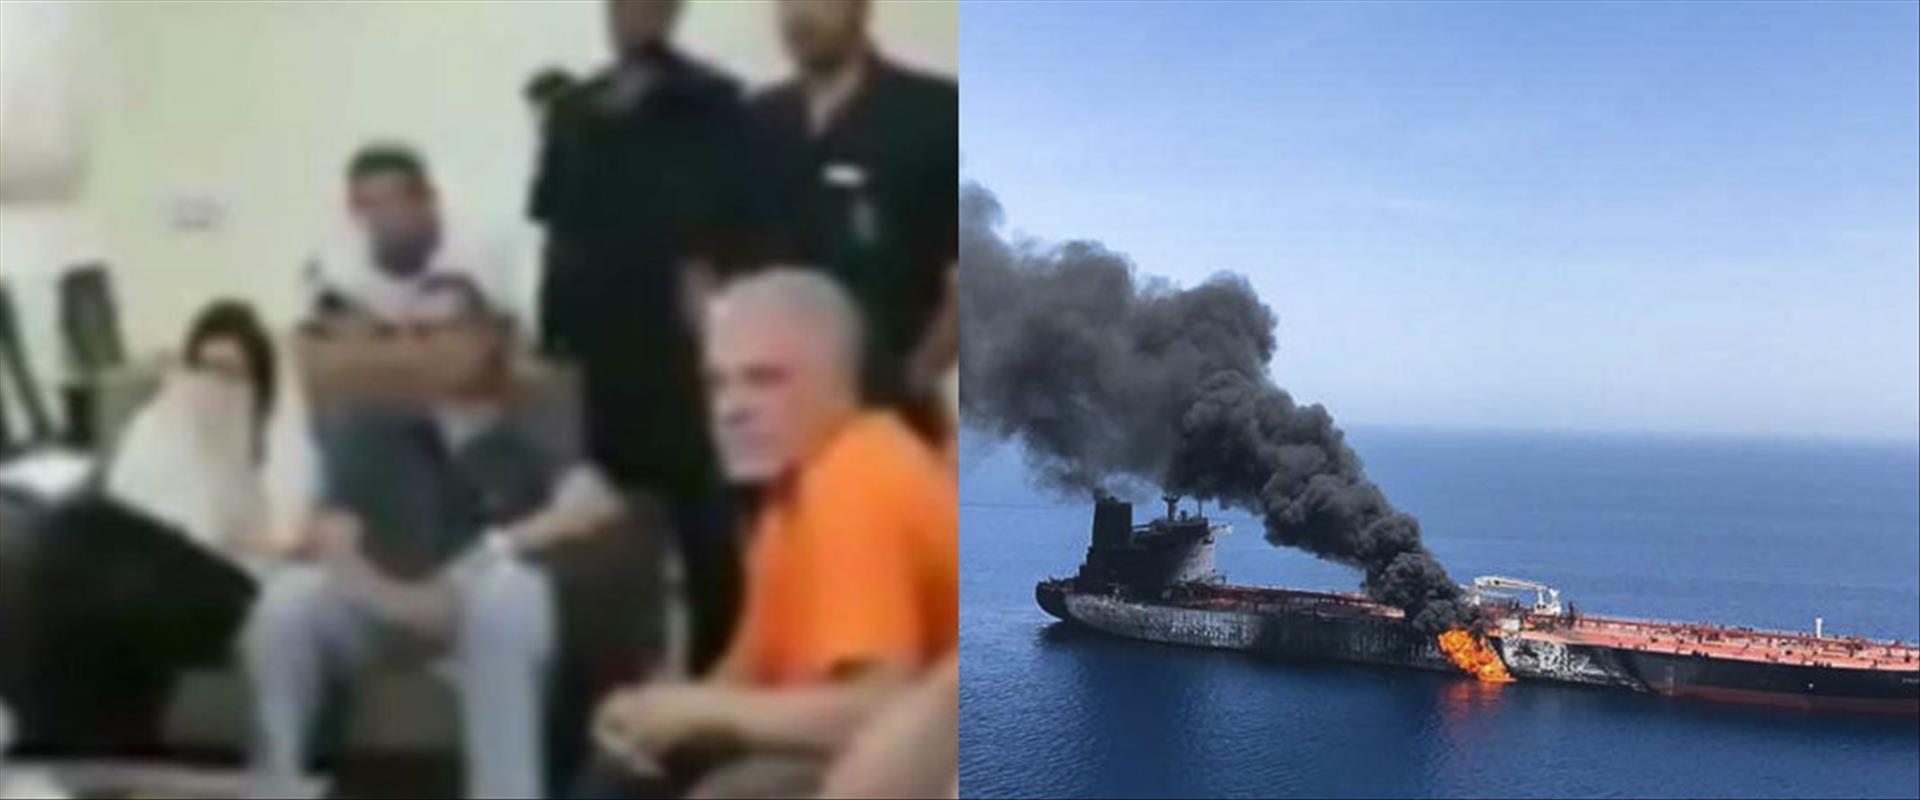 מכליות נפט